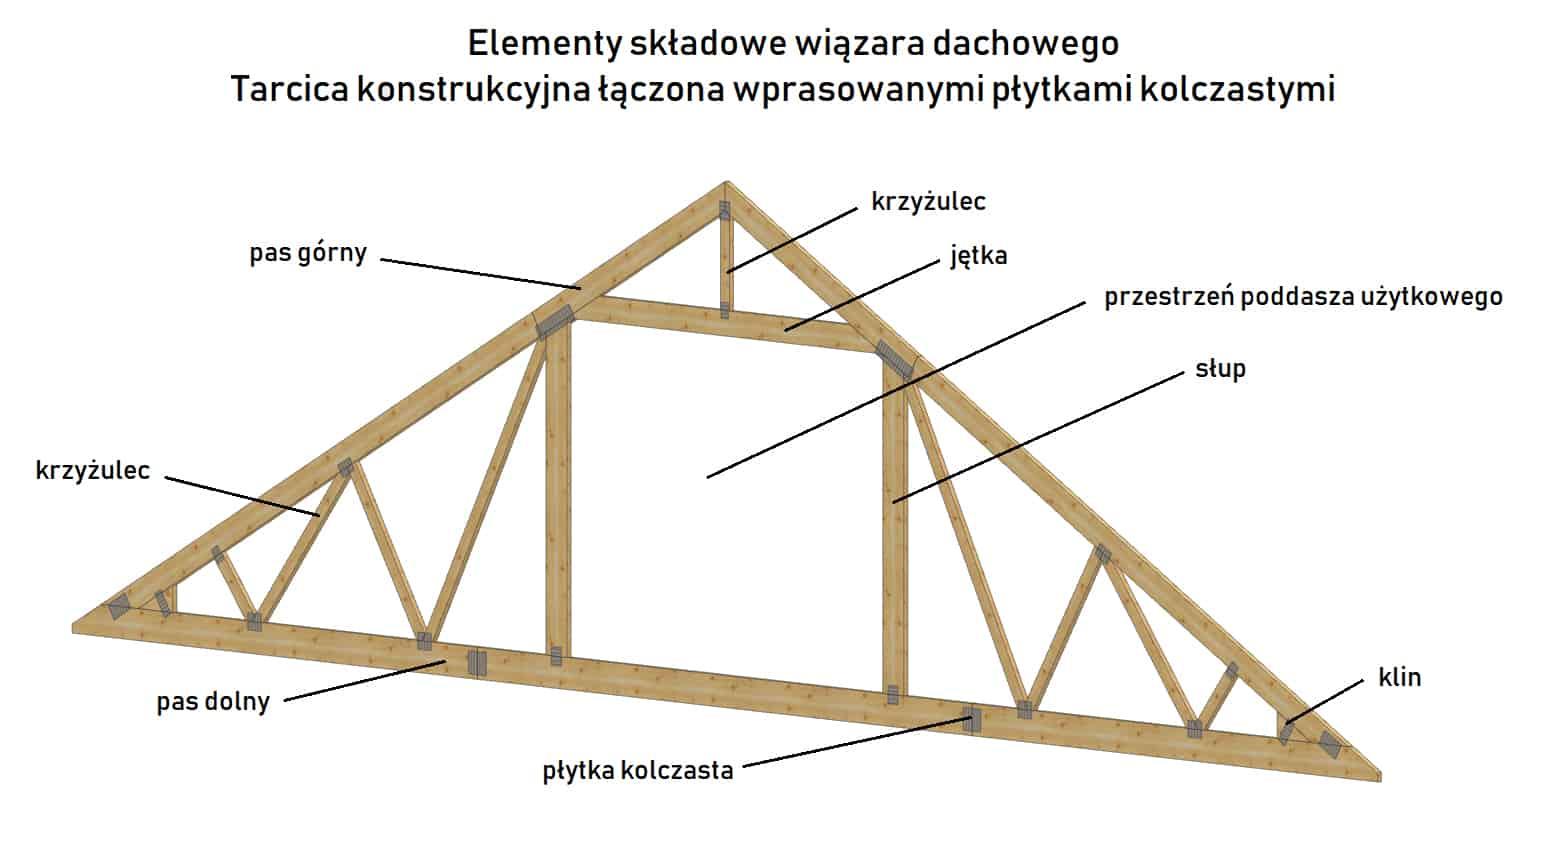 Elementy składowe wiązara dachowego